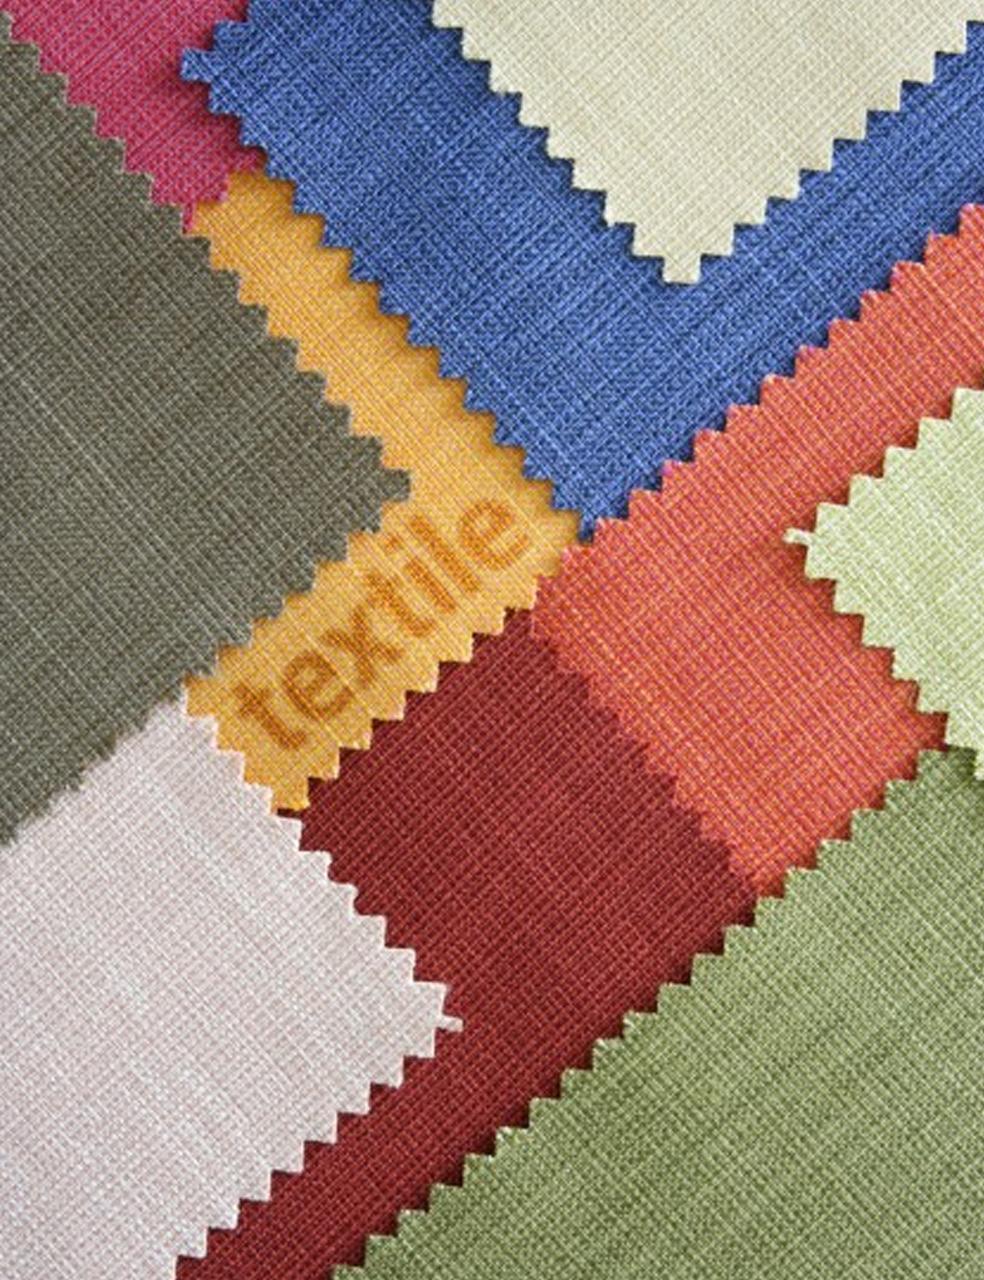 cc270ee15d0ef8 Вибираємо тканину для оббивки дивана. Жаккард, рогожка, габардин та інші